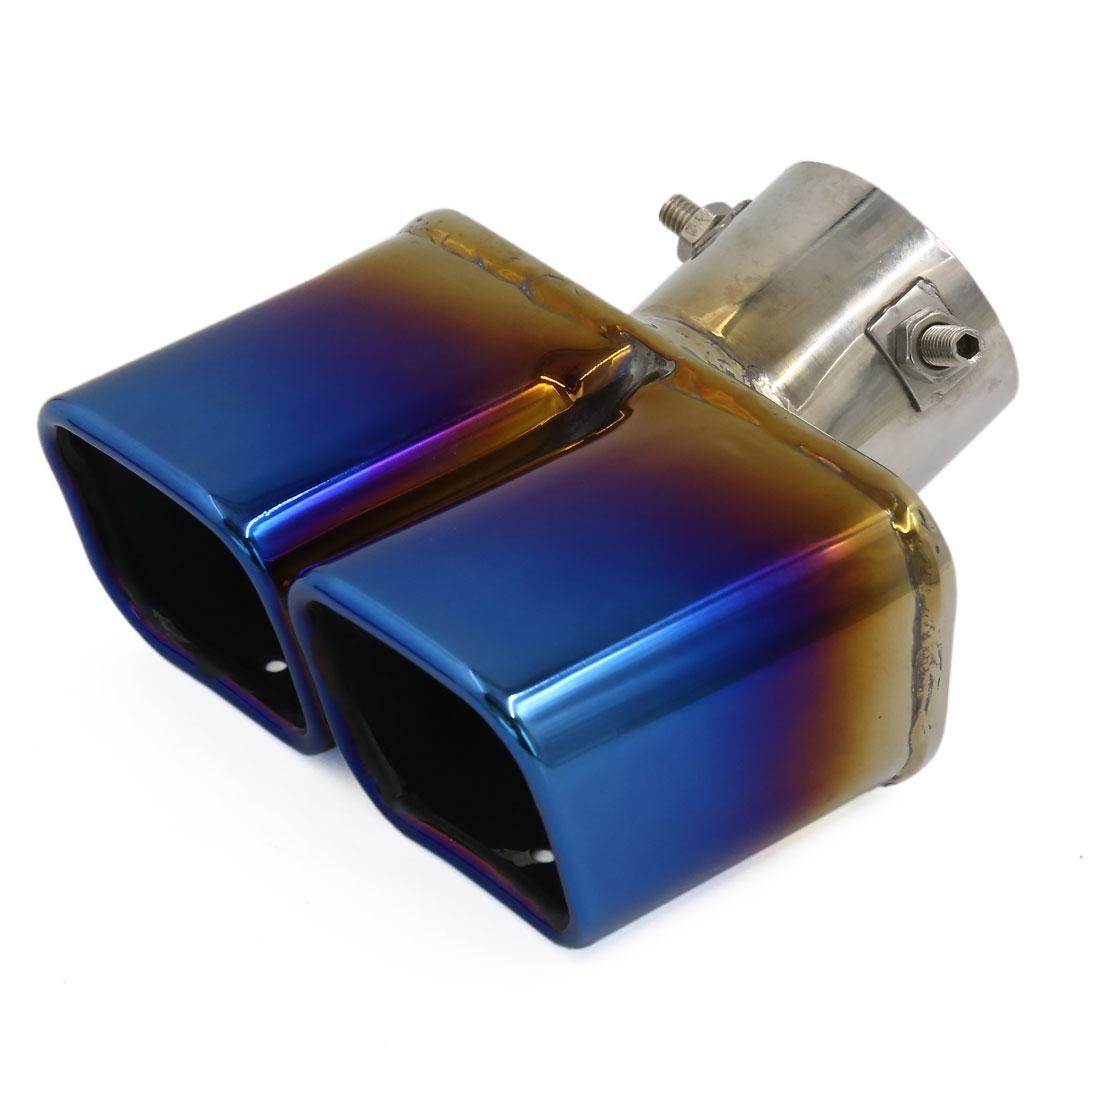 63mm Diamètre entrée en Titane Bleu Pointe Silencieux D'échappement Silencieux pour Auto Voiture - image 3 de 3